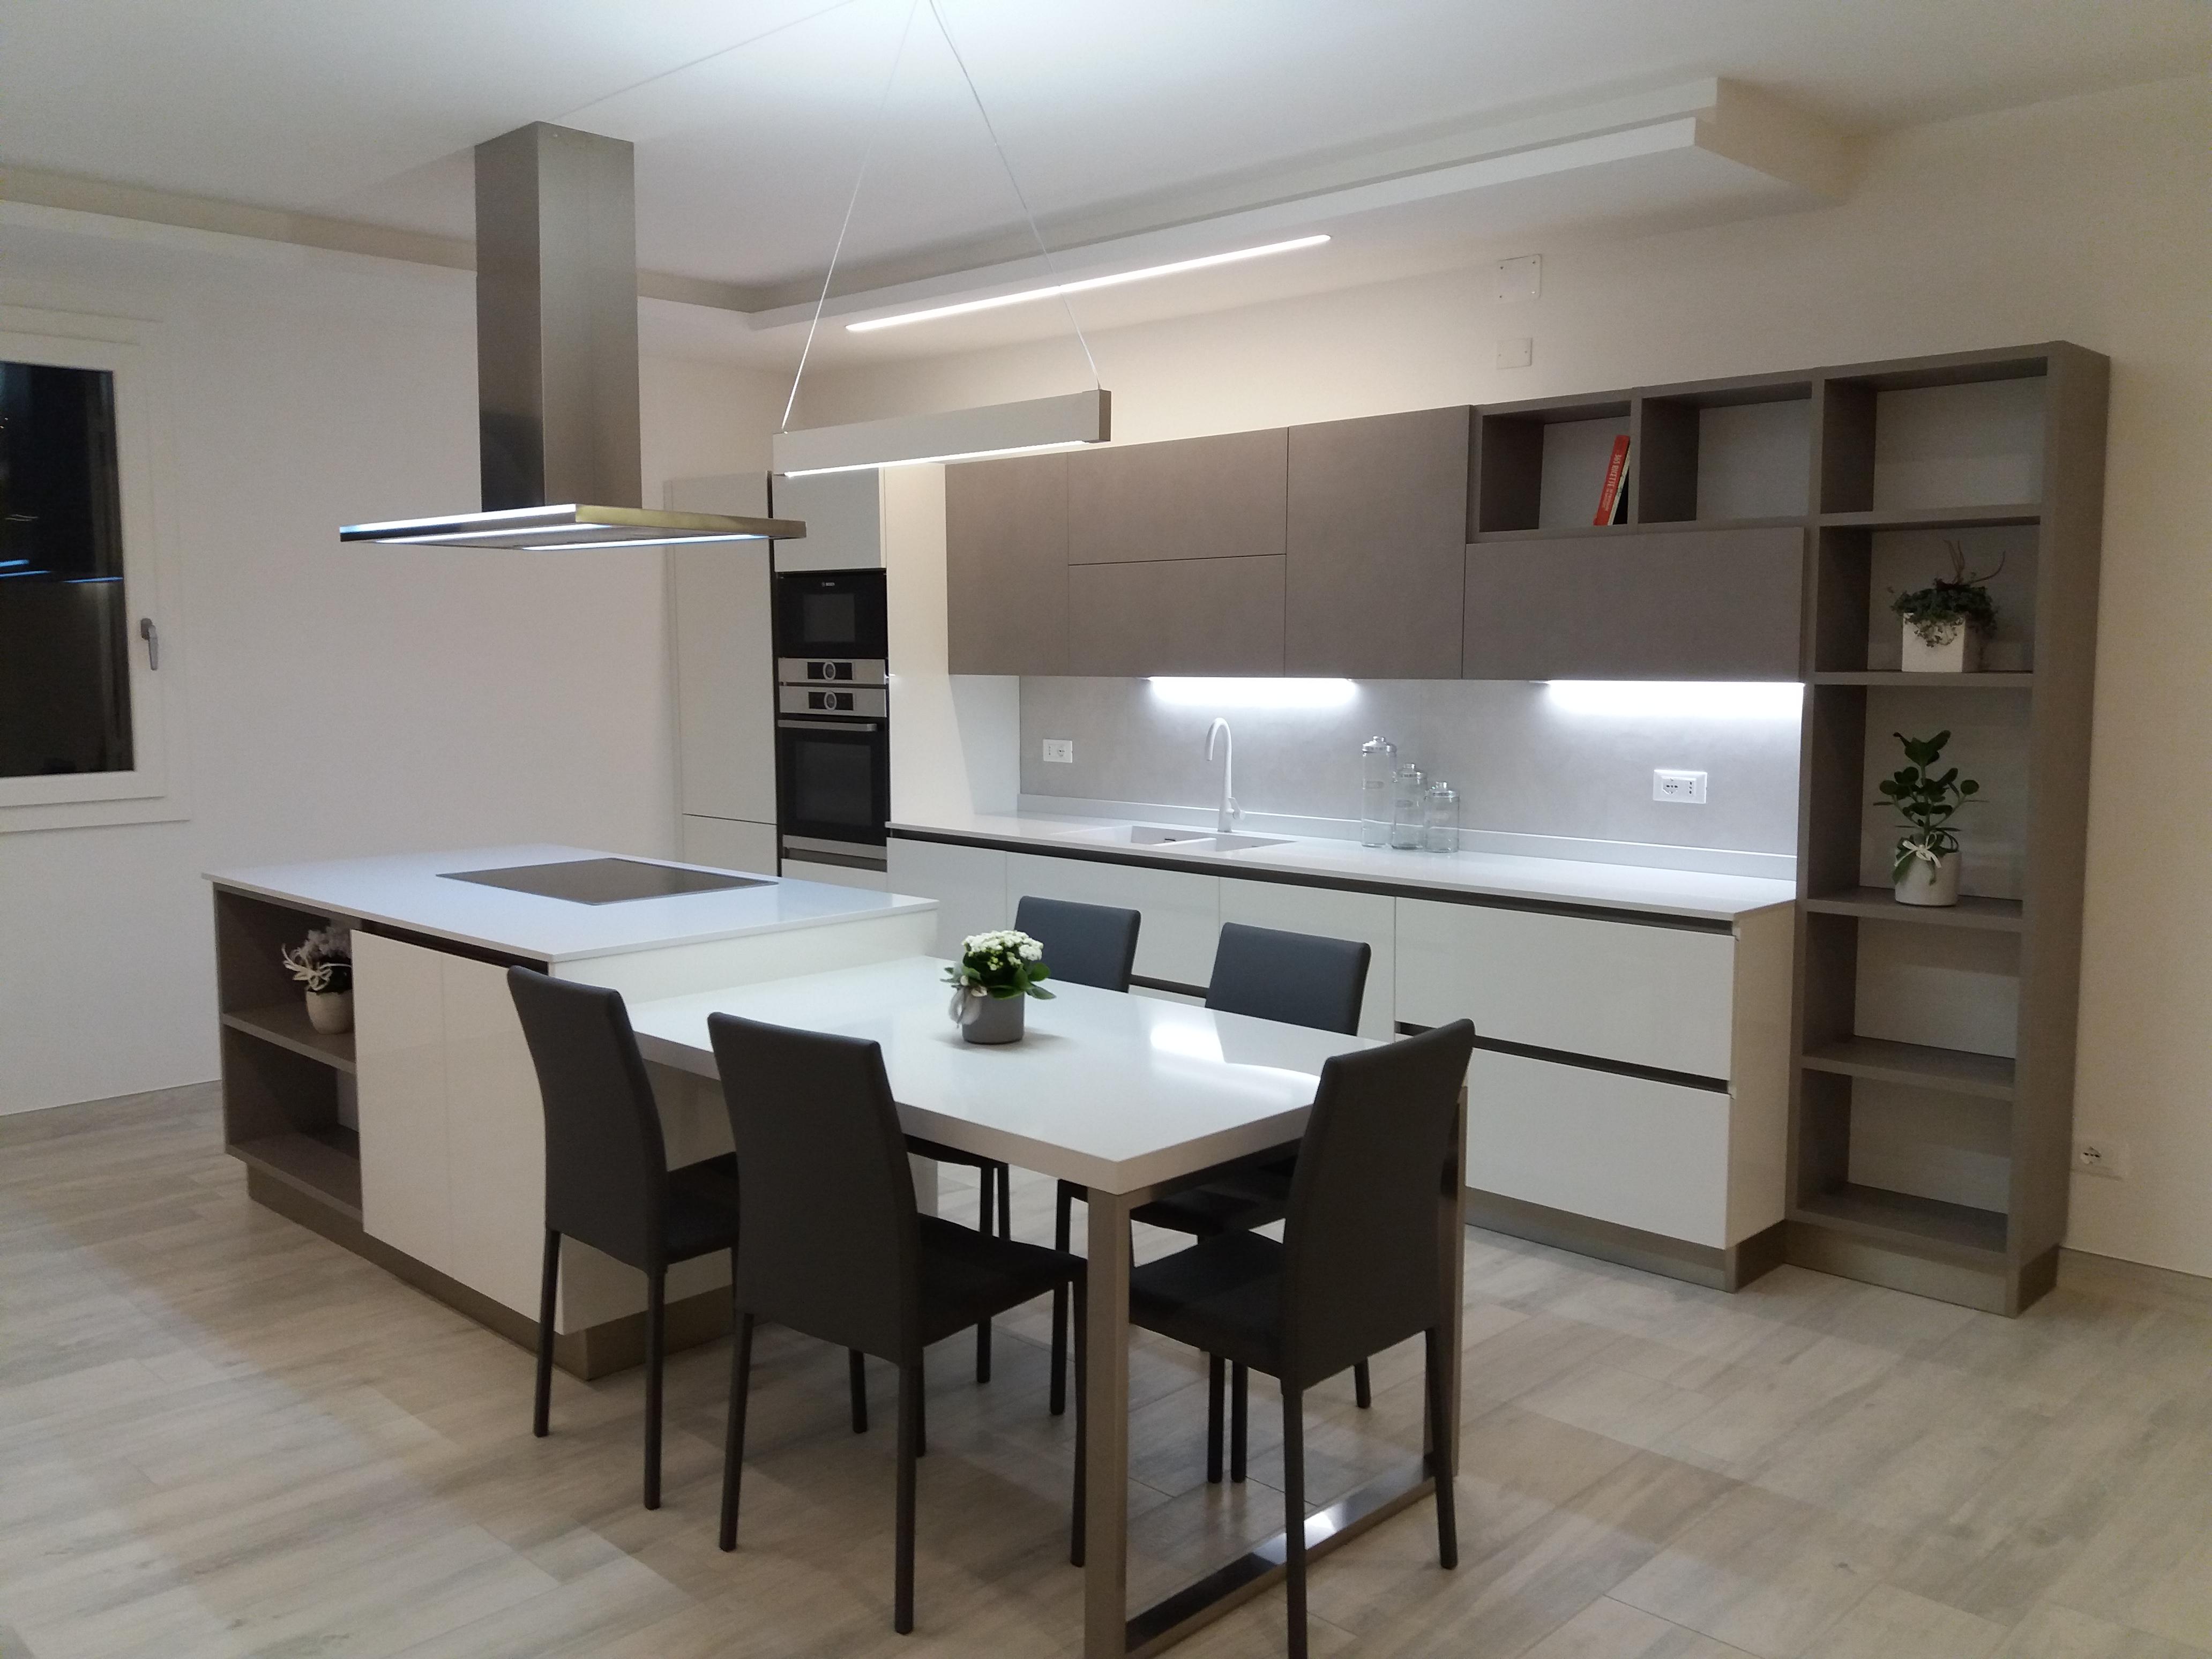 Cucina -OYSTER LACCATA- Veneta Cucine - Minelle Arredamenti